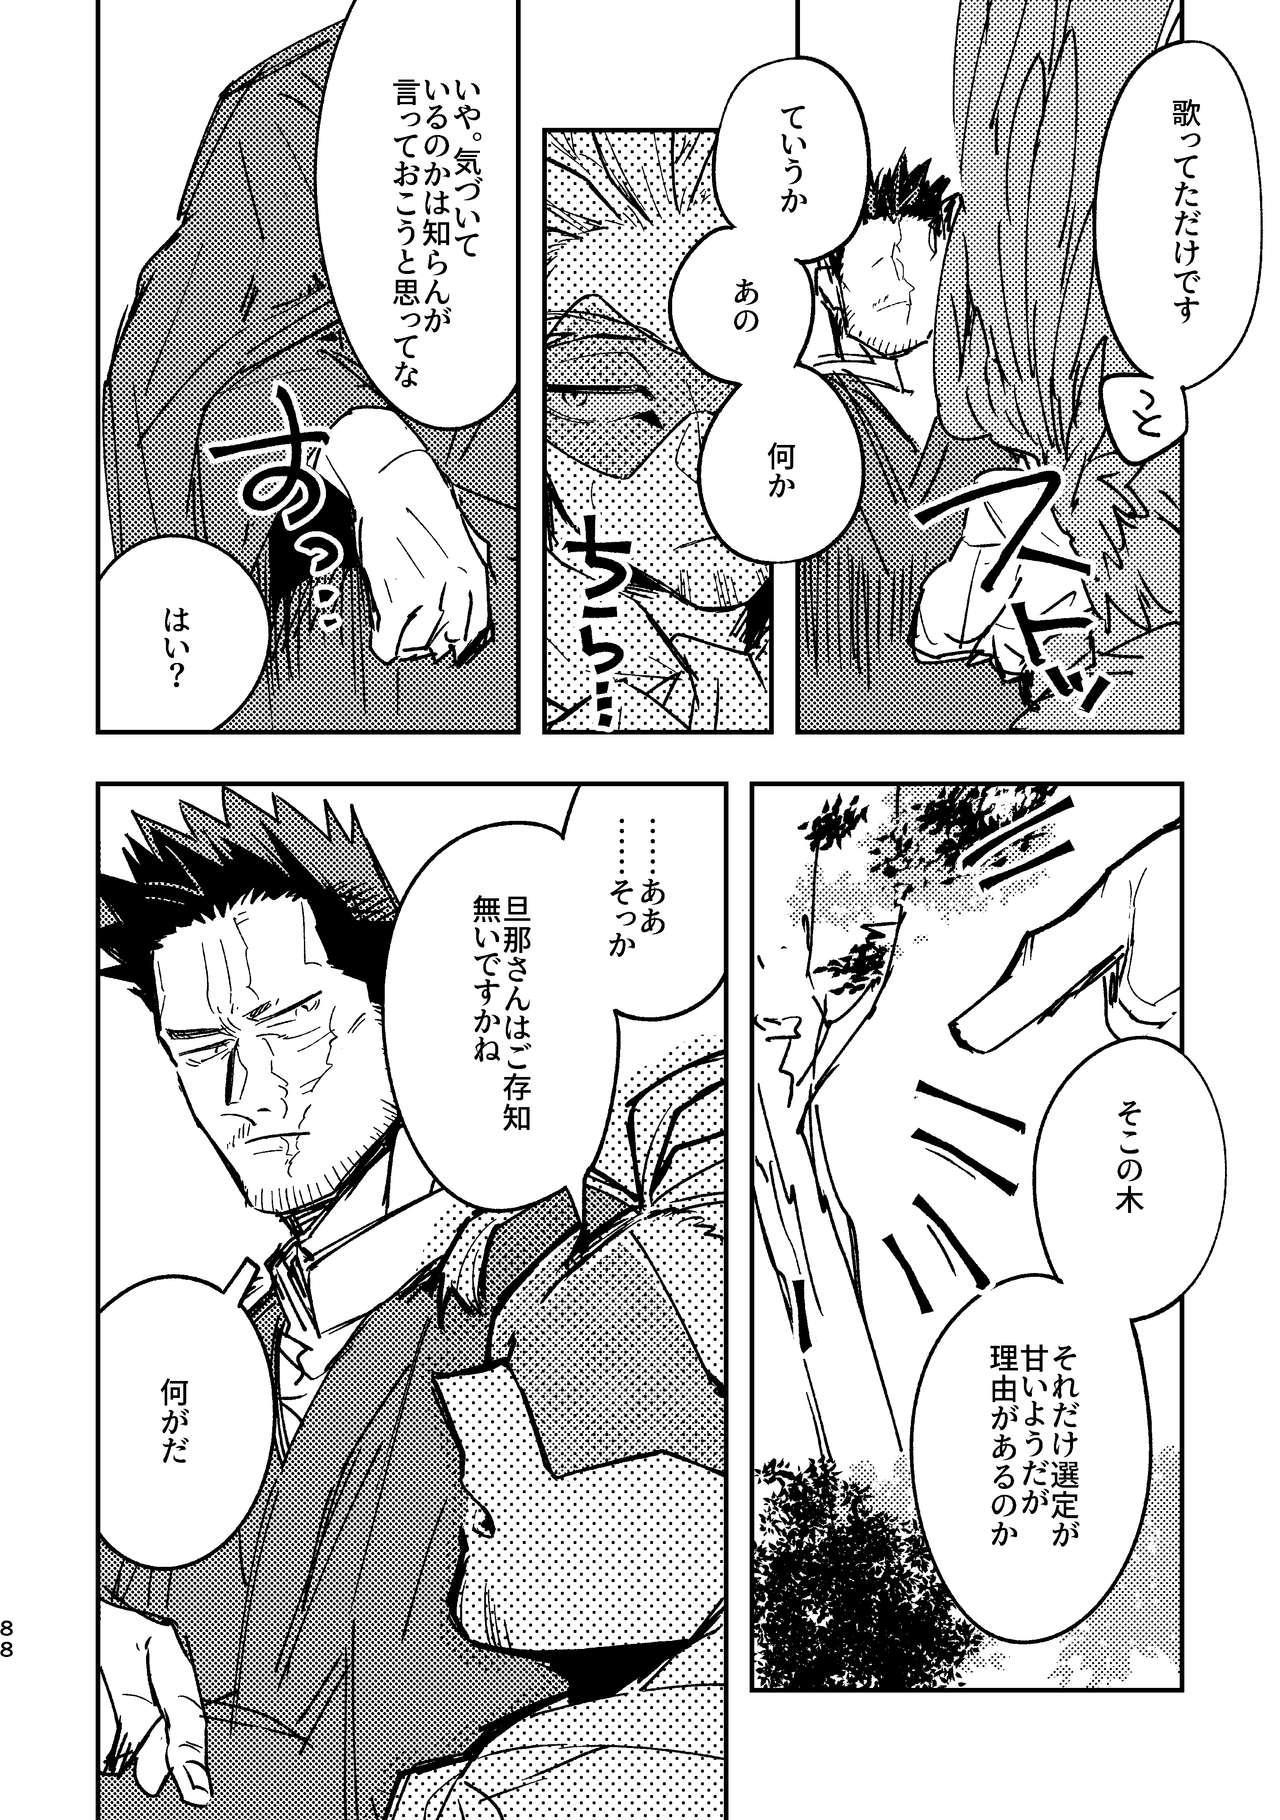 WEB Sairoku Zumi HawEn Manga ga Kami demo Yomeru Hon. 87